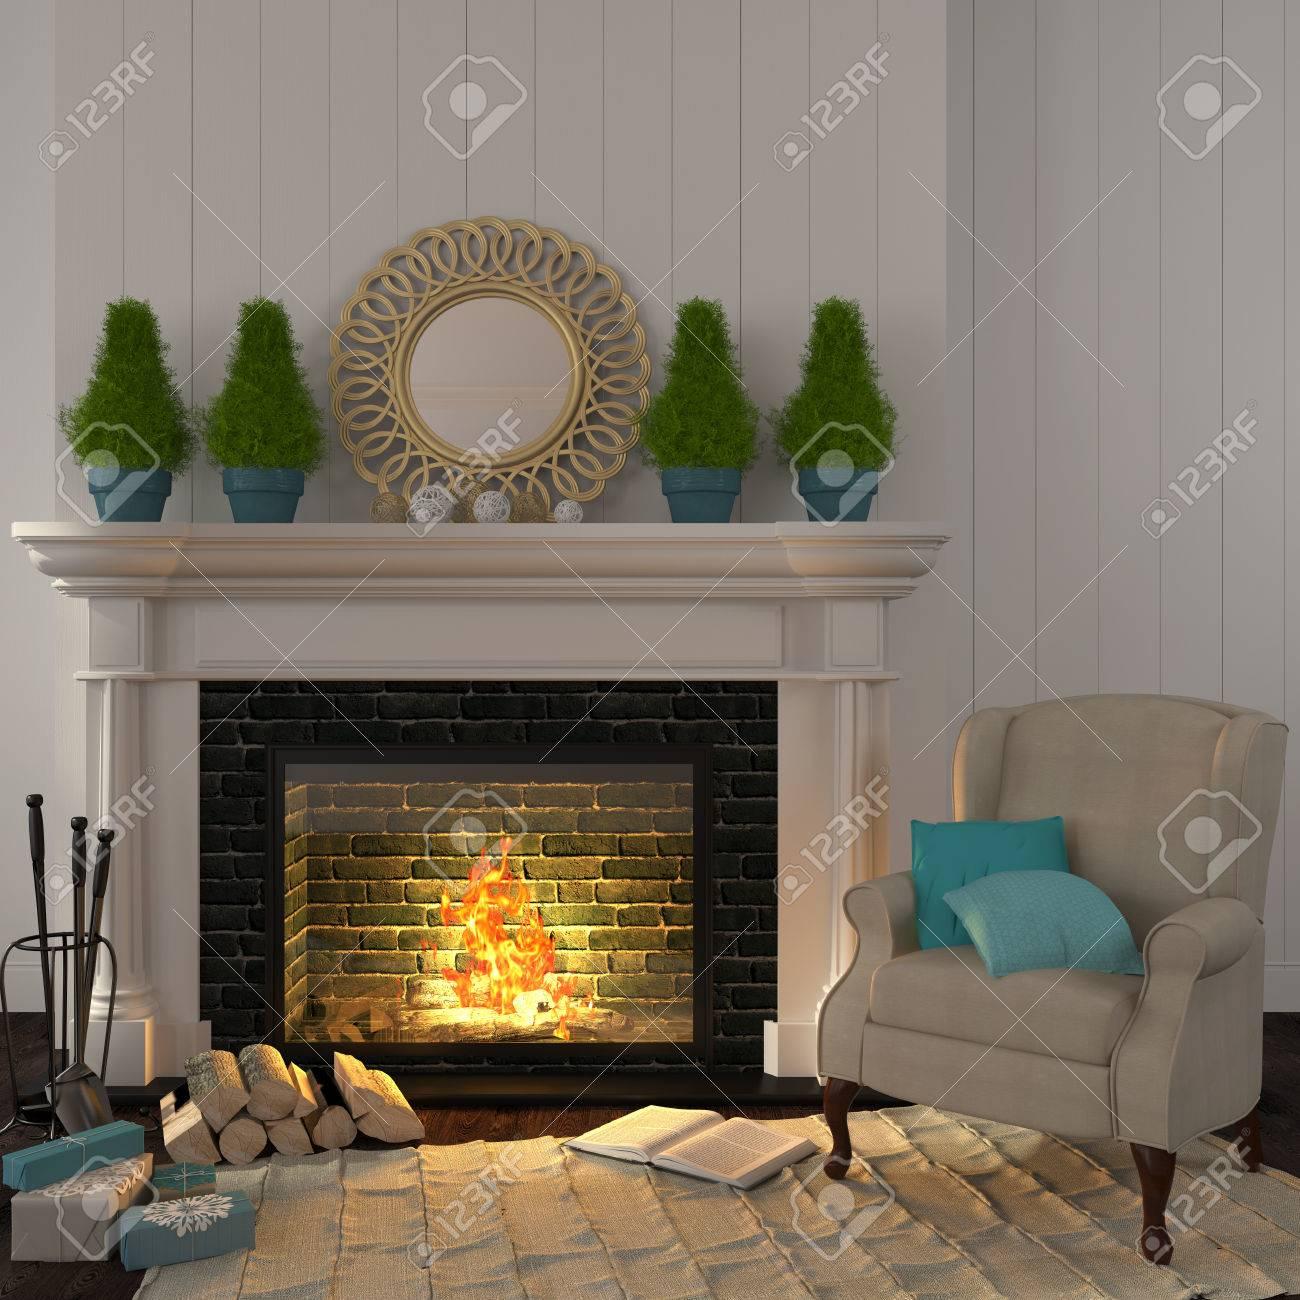 Miroir Salle De Sejour l'intérieur de la salle de séjour qui est décoré pour noël avec un fauteuil  près de la cheminée beige avec sapins et miroir